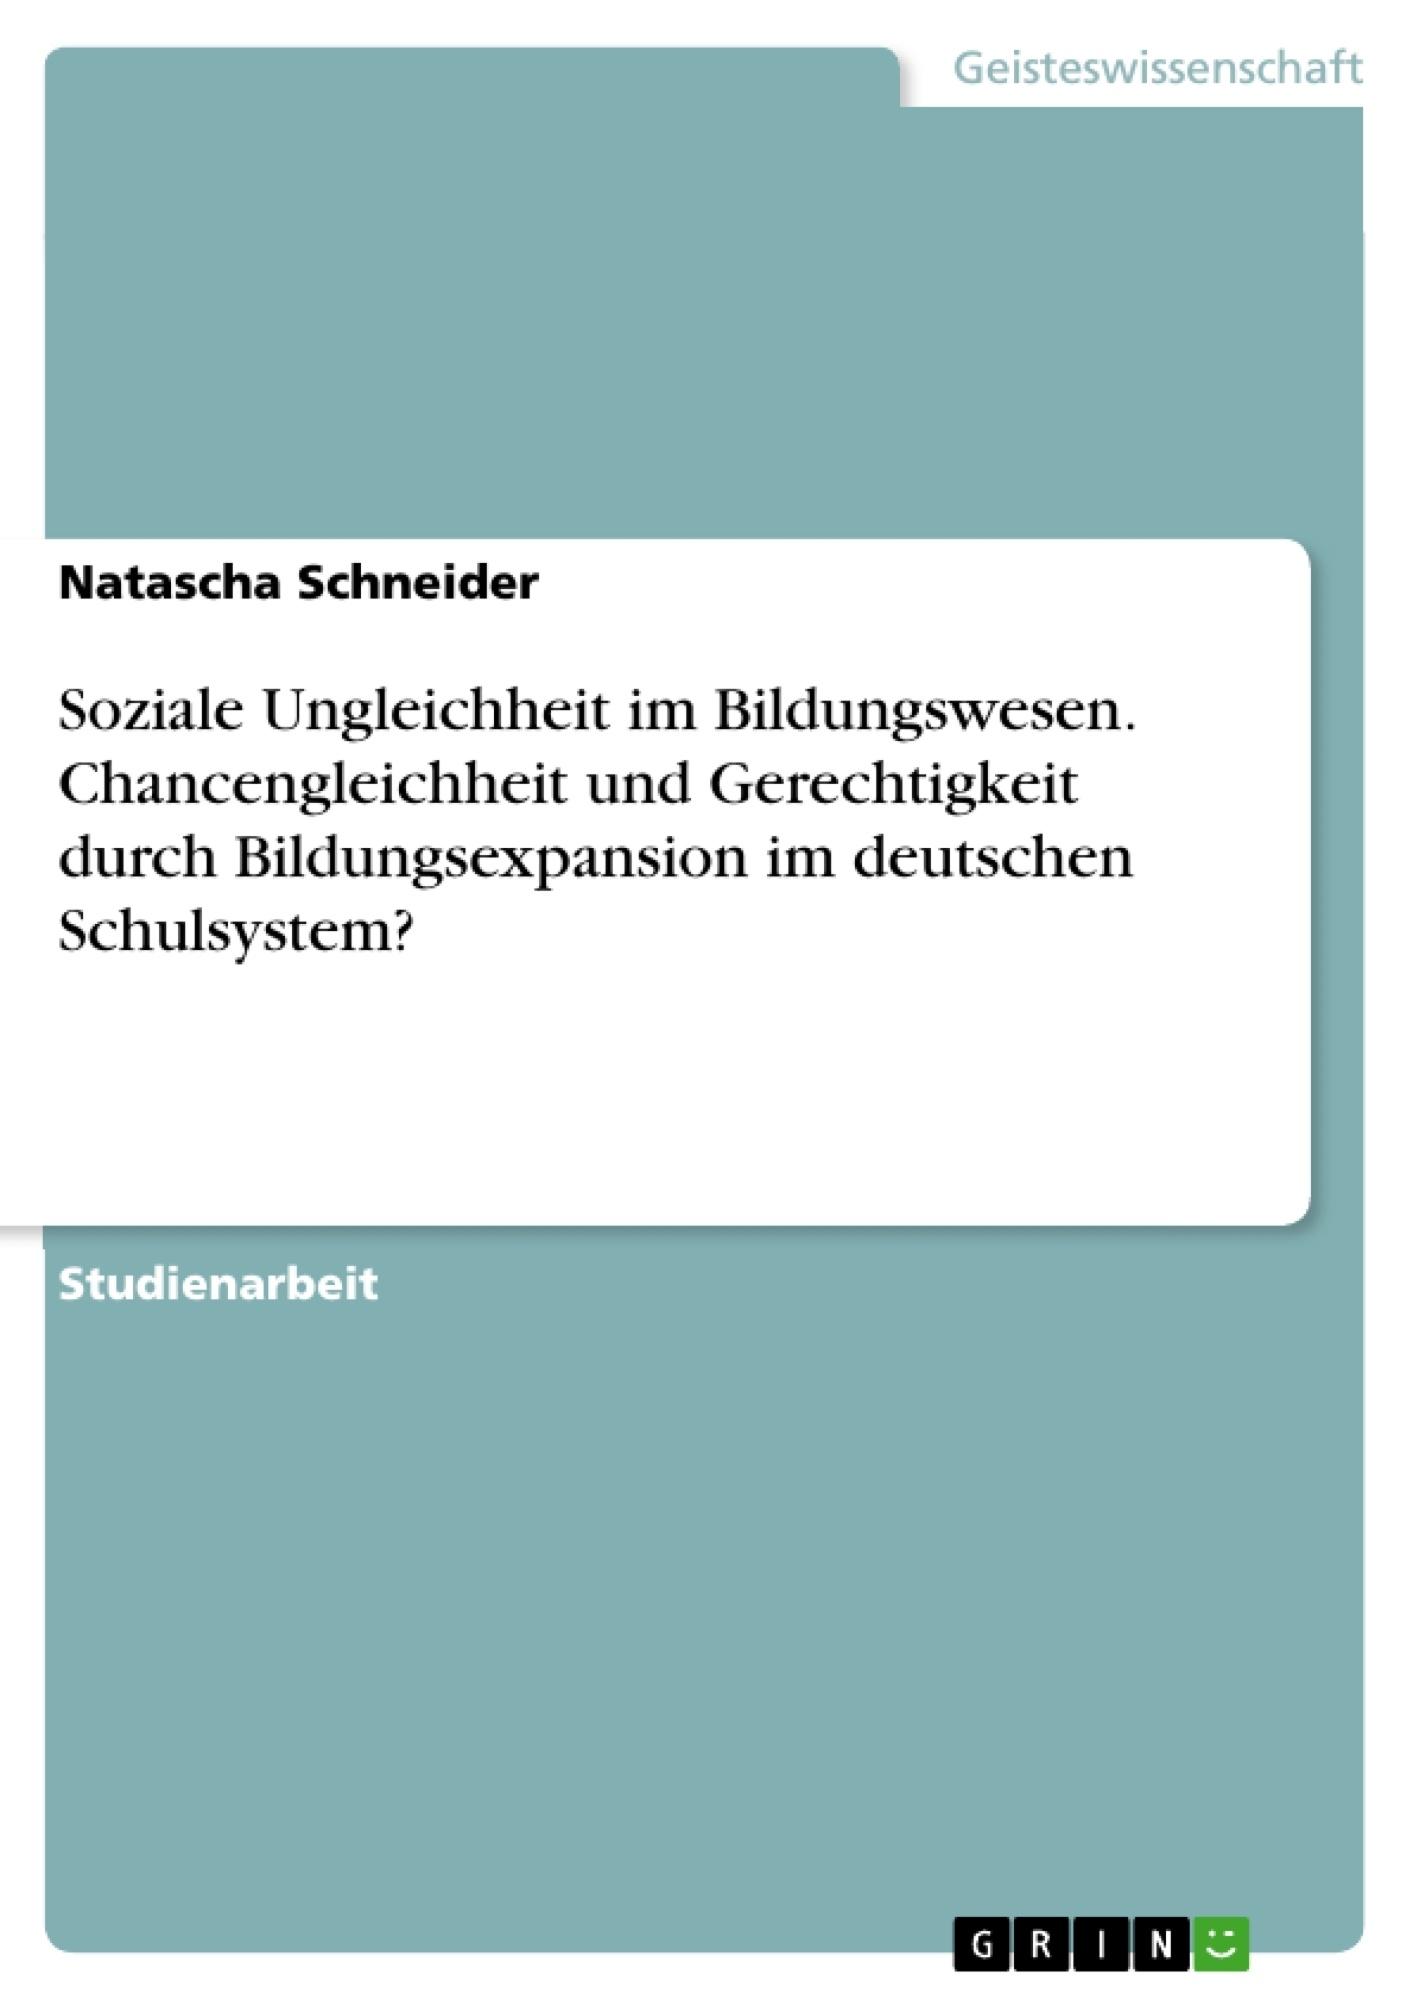 Titel: Soziale Ungleichheit im Bildungswesen. Chancengleichheit und Gerechtigkeit durch Bildungsexpansion im deutschen Schulsystem?